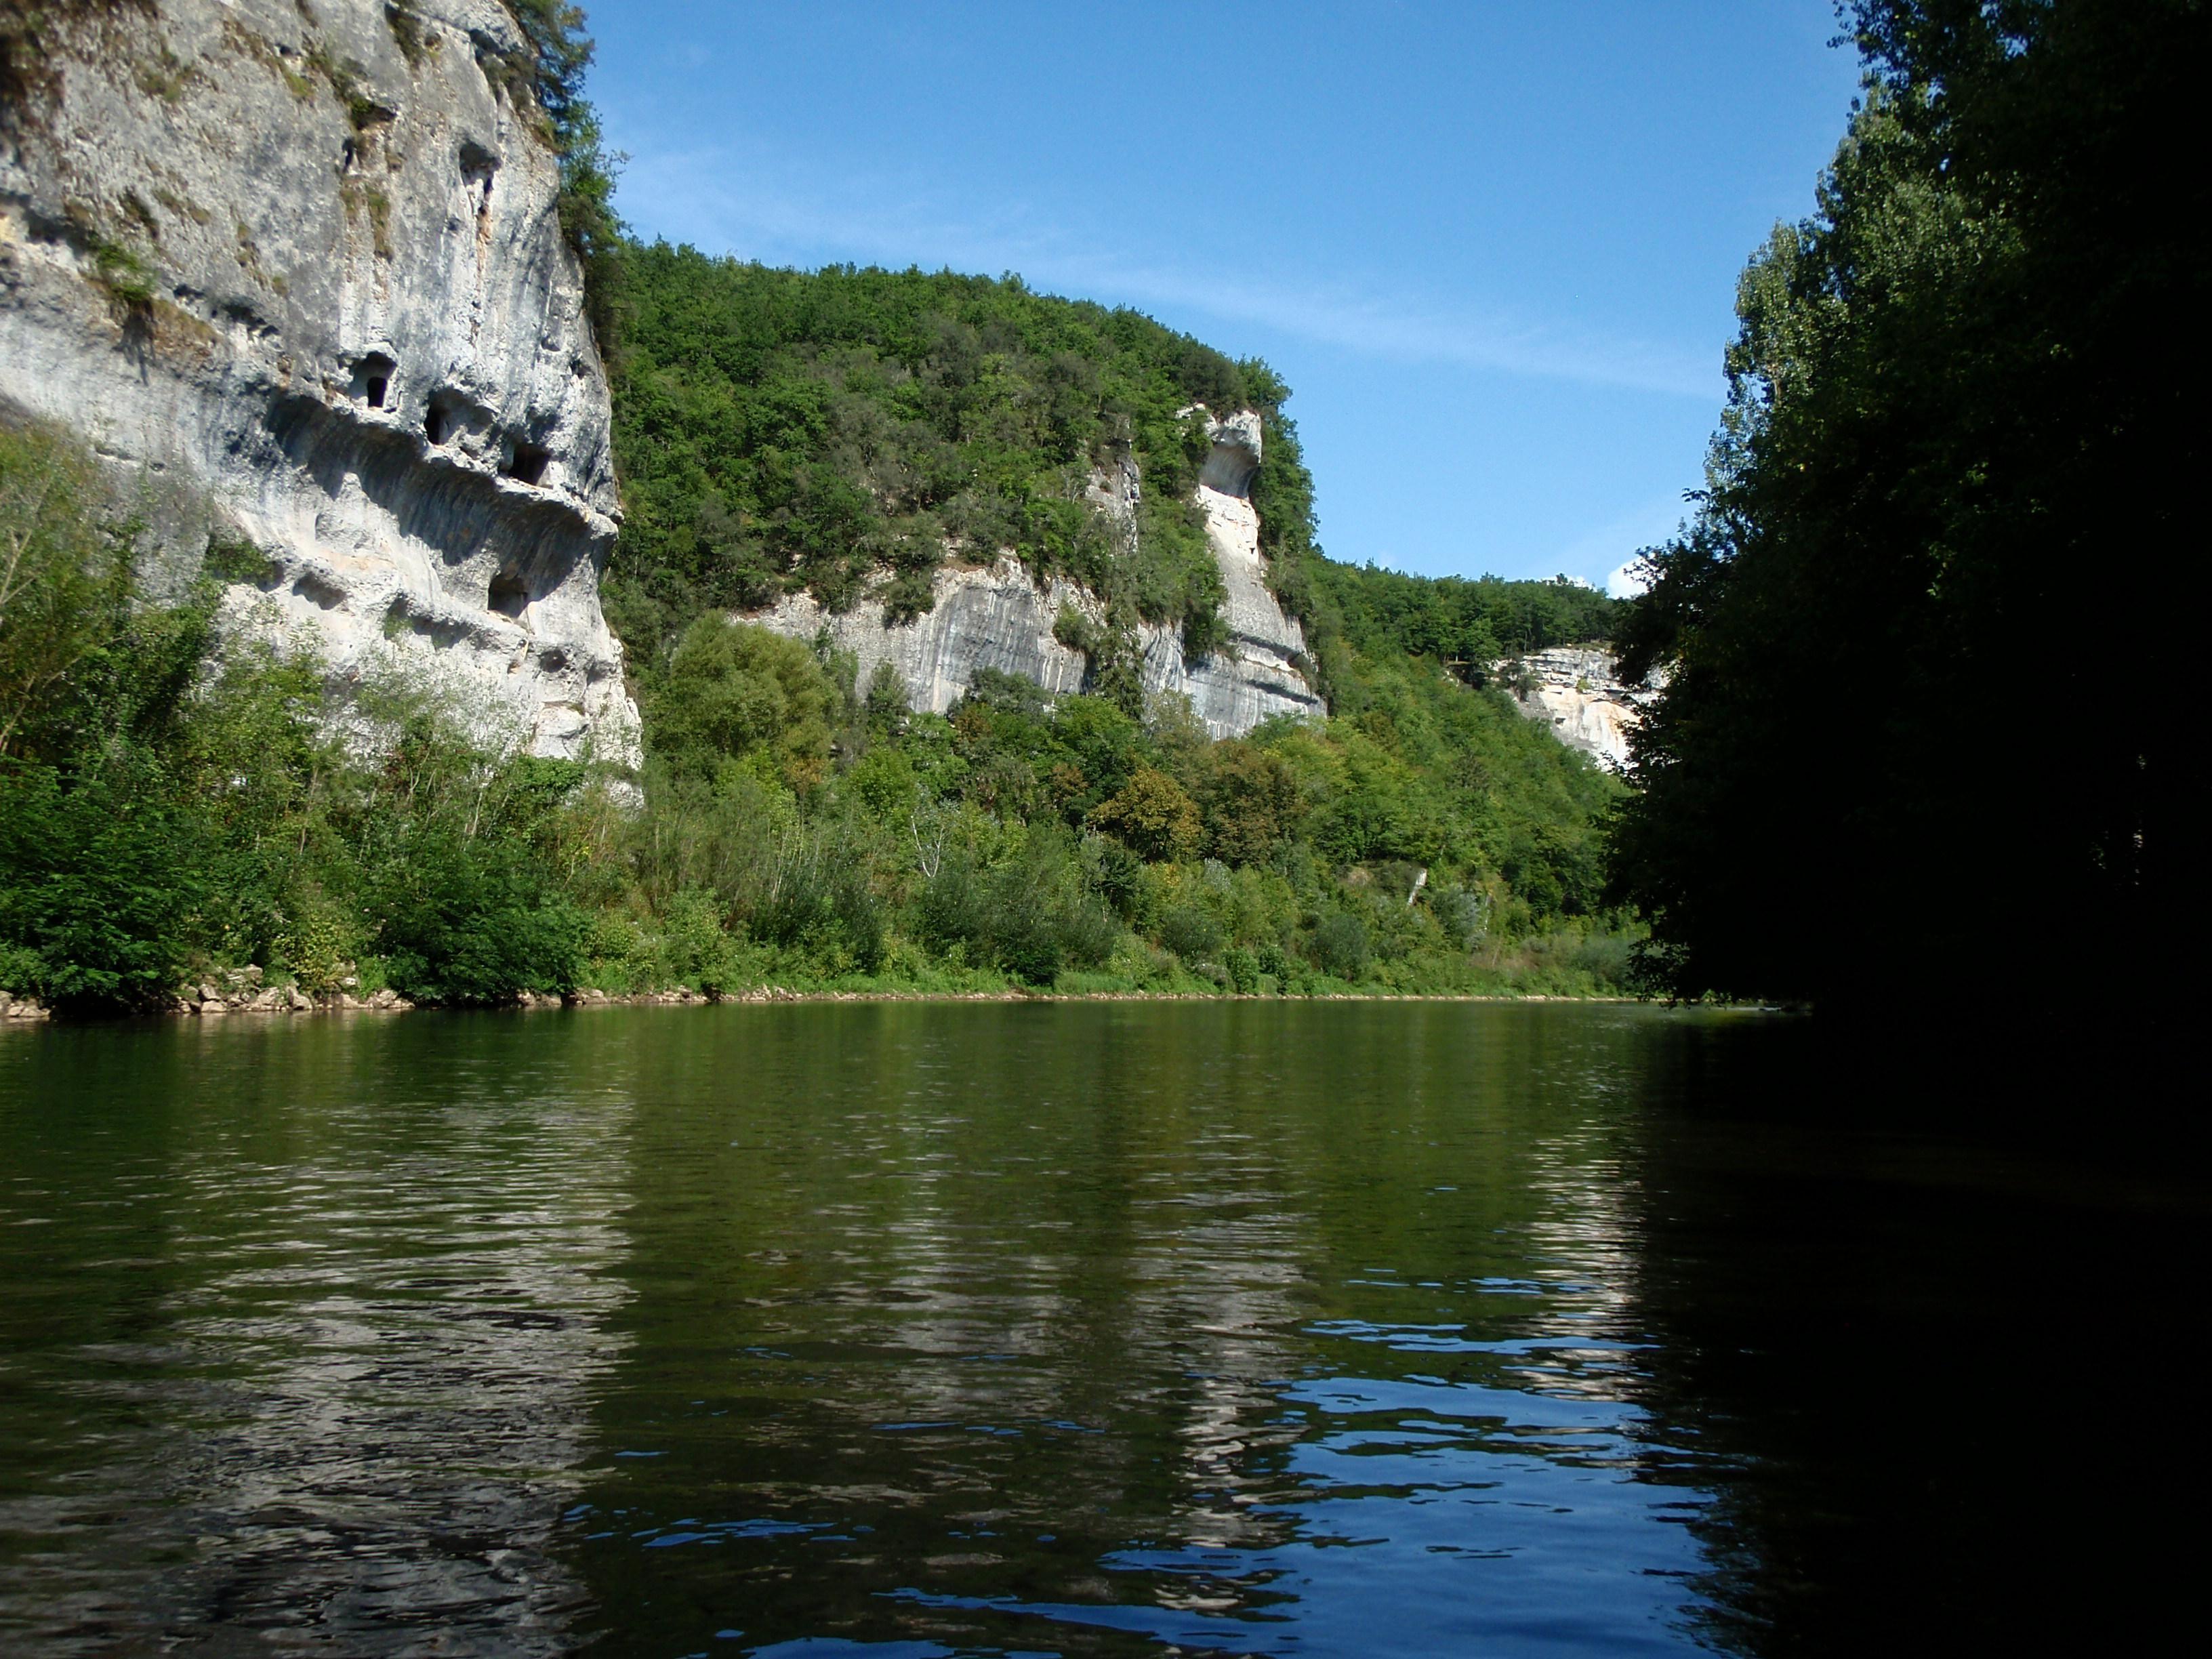 Les lacs du domaine de Belgorod pour la pêche